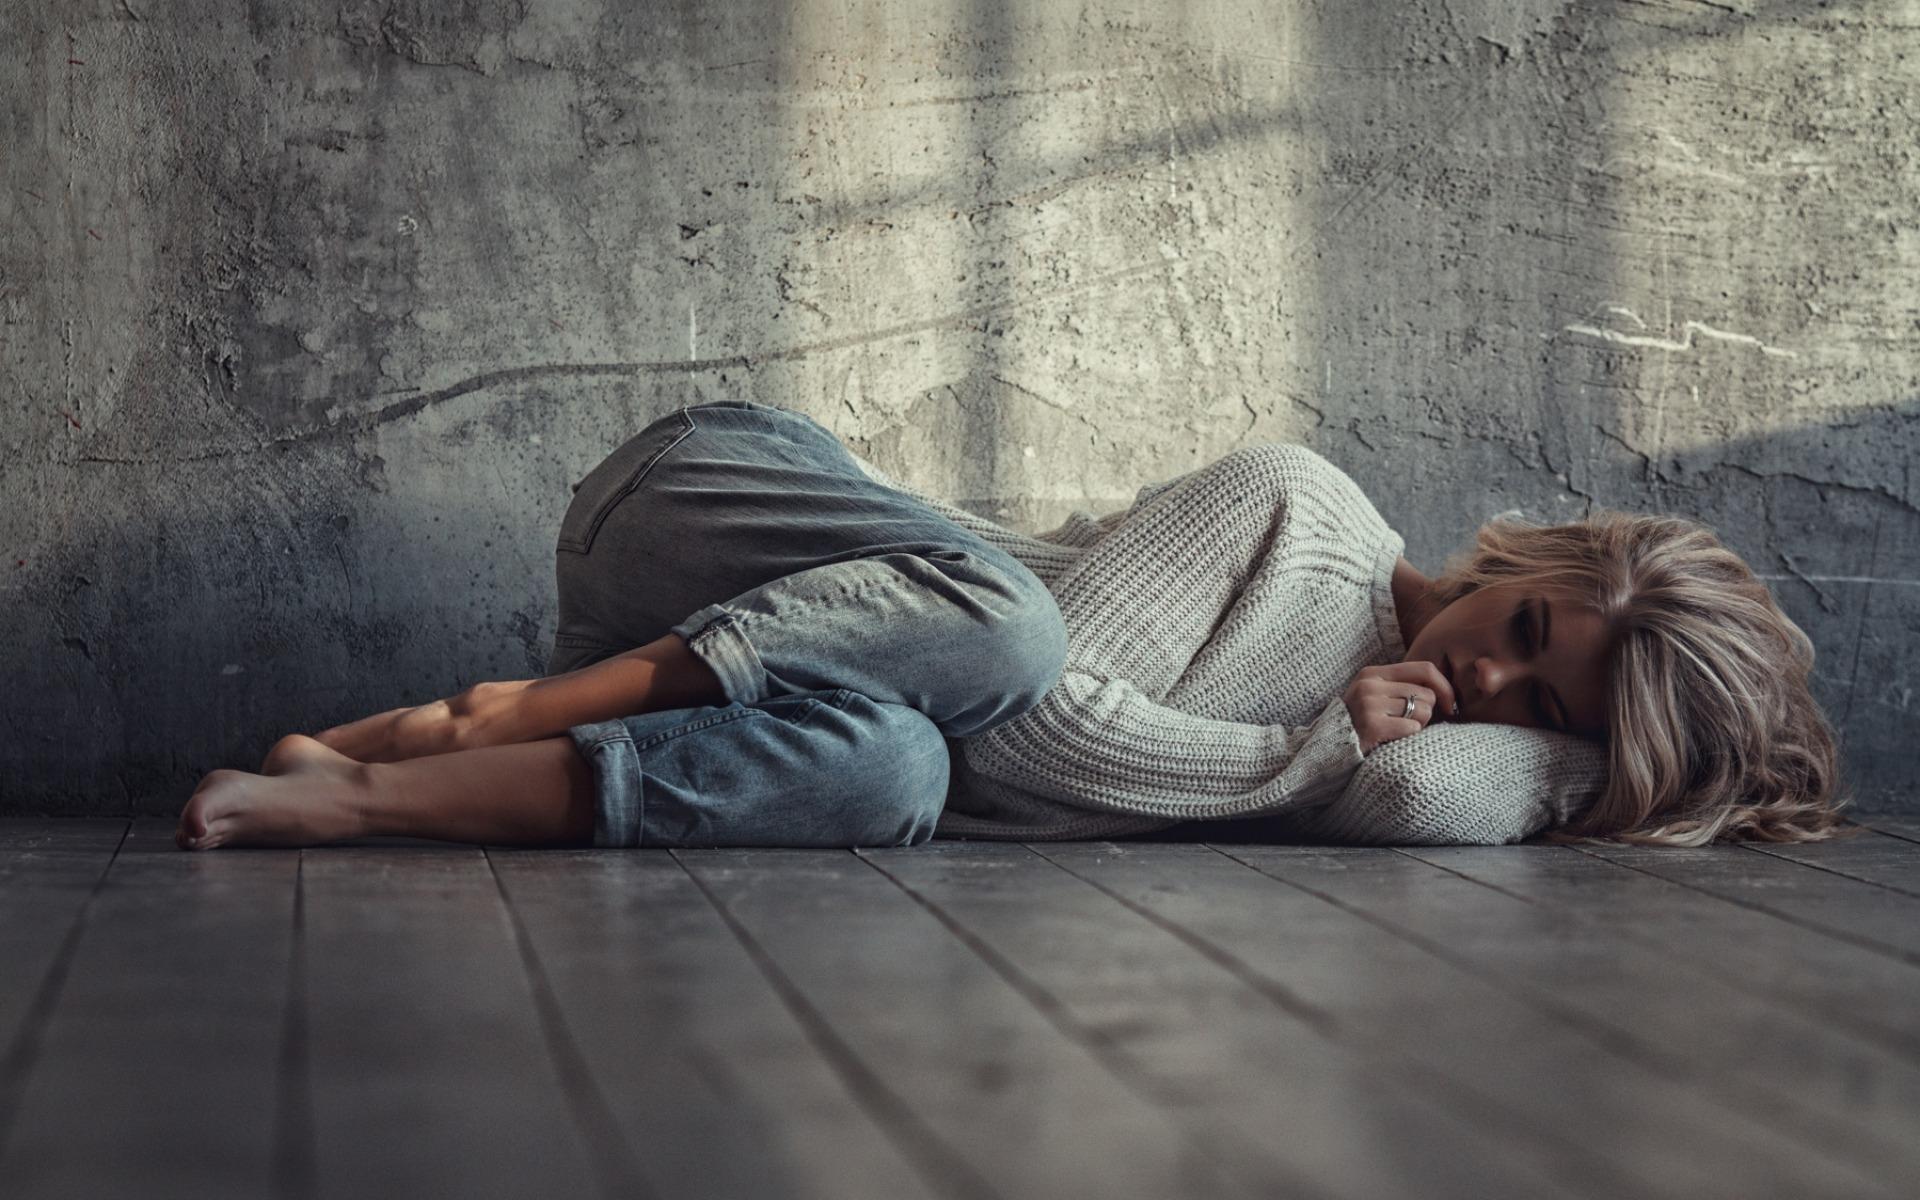 Хроническая усталость. как вернуть бодрость? - нутрициолог лиза